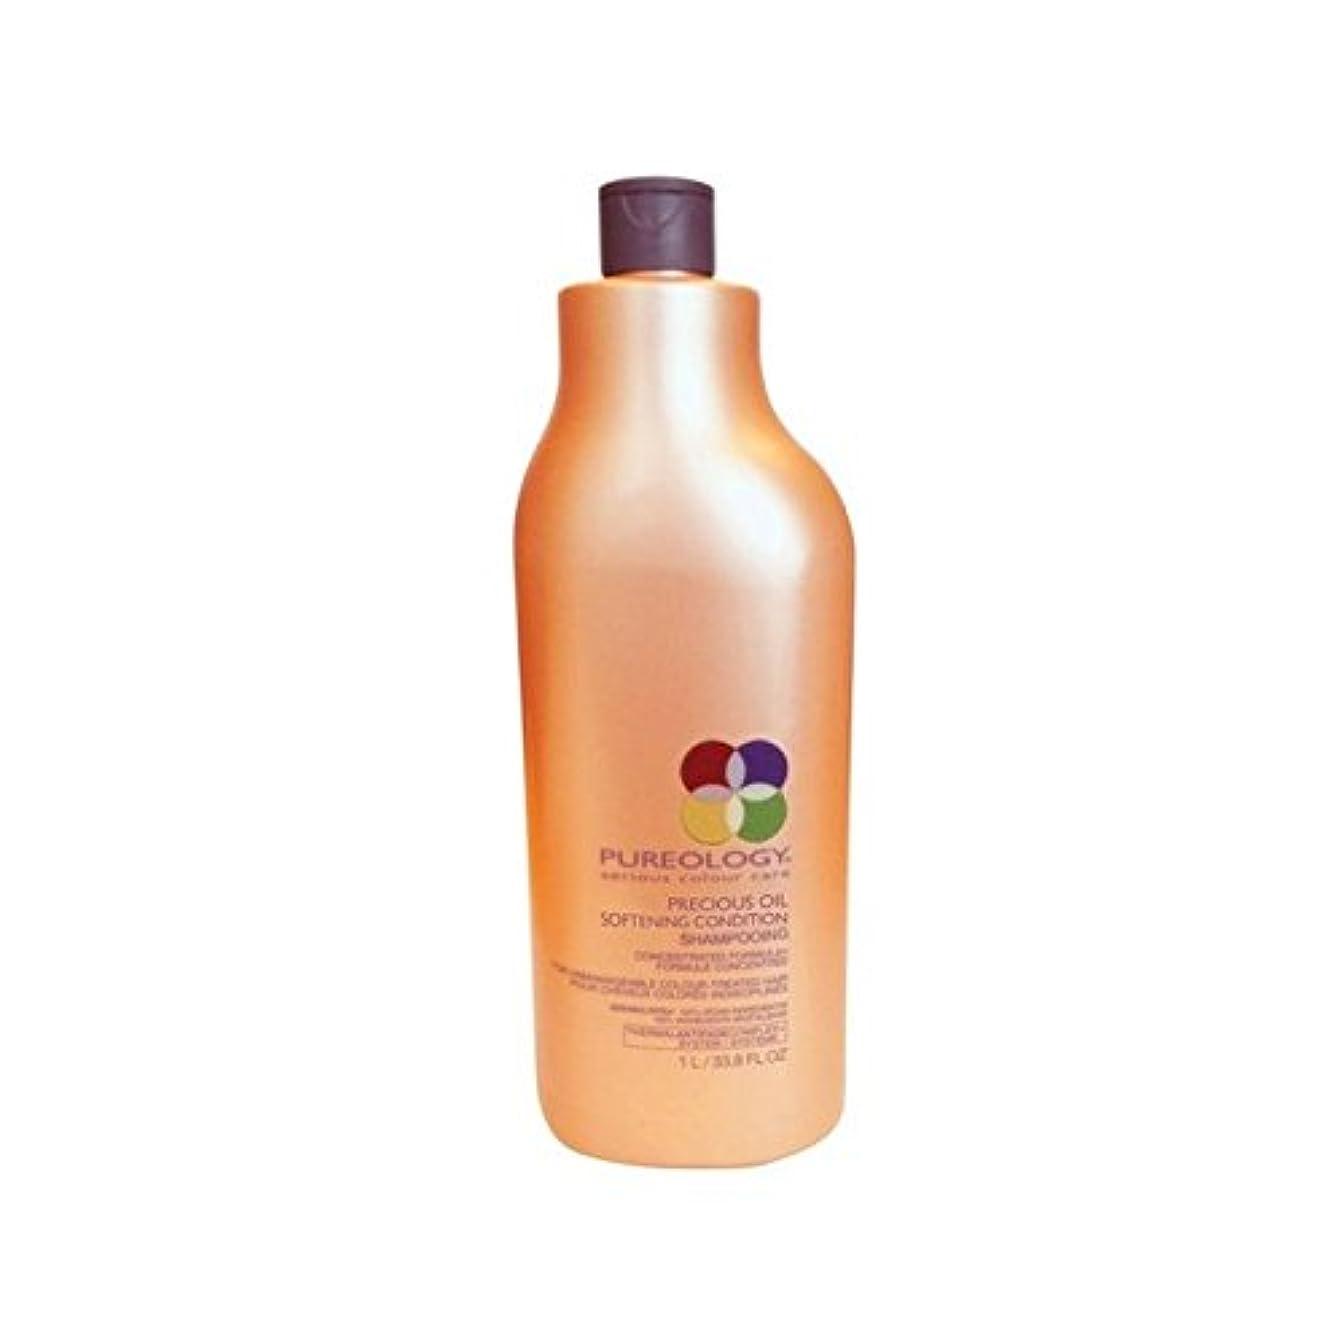 インペリアル不均一医学貴重なオイルコンディショナー(千ミリリットル) x2 - Pureology Precious Oil Conditioner (1000ml) (Pack of 2) [並行輸入品]